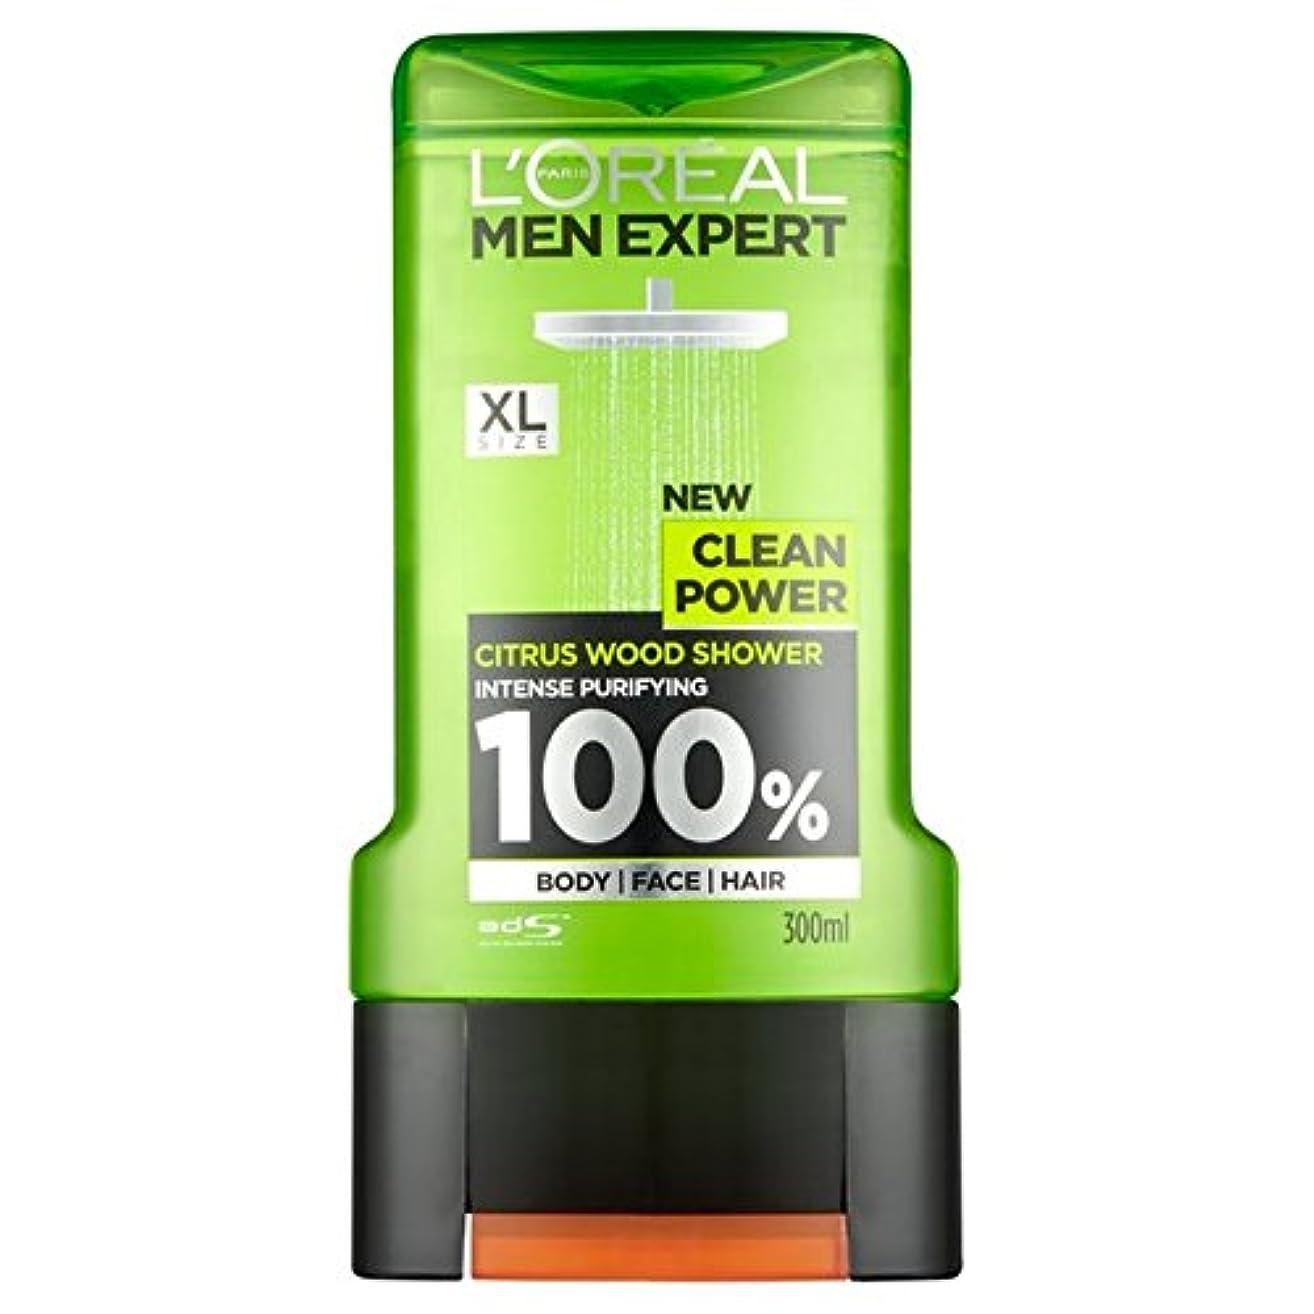 終了する過激派写真を撮るL'Oreal Paris Men Expert Clean Power Shower Gel 300ml - ロレアルパリの男性の専門家クリーンパワーシャワージェル300ミリリットル [並行輸入品]